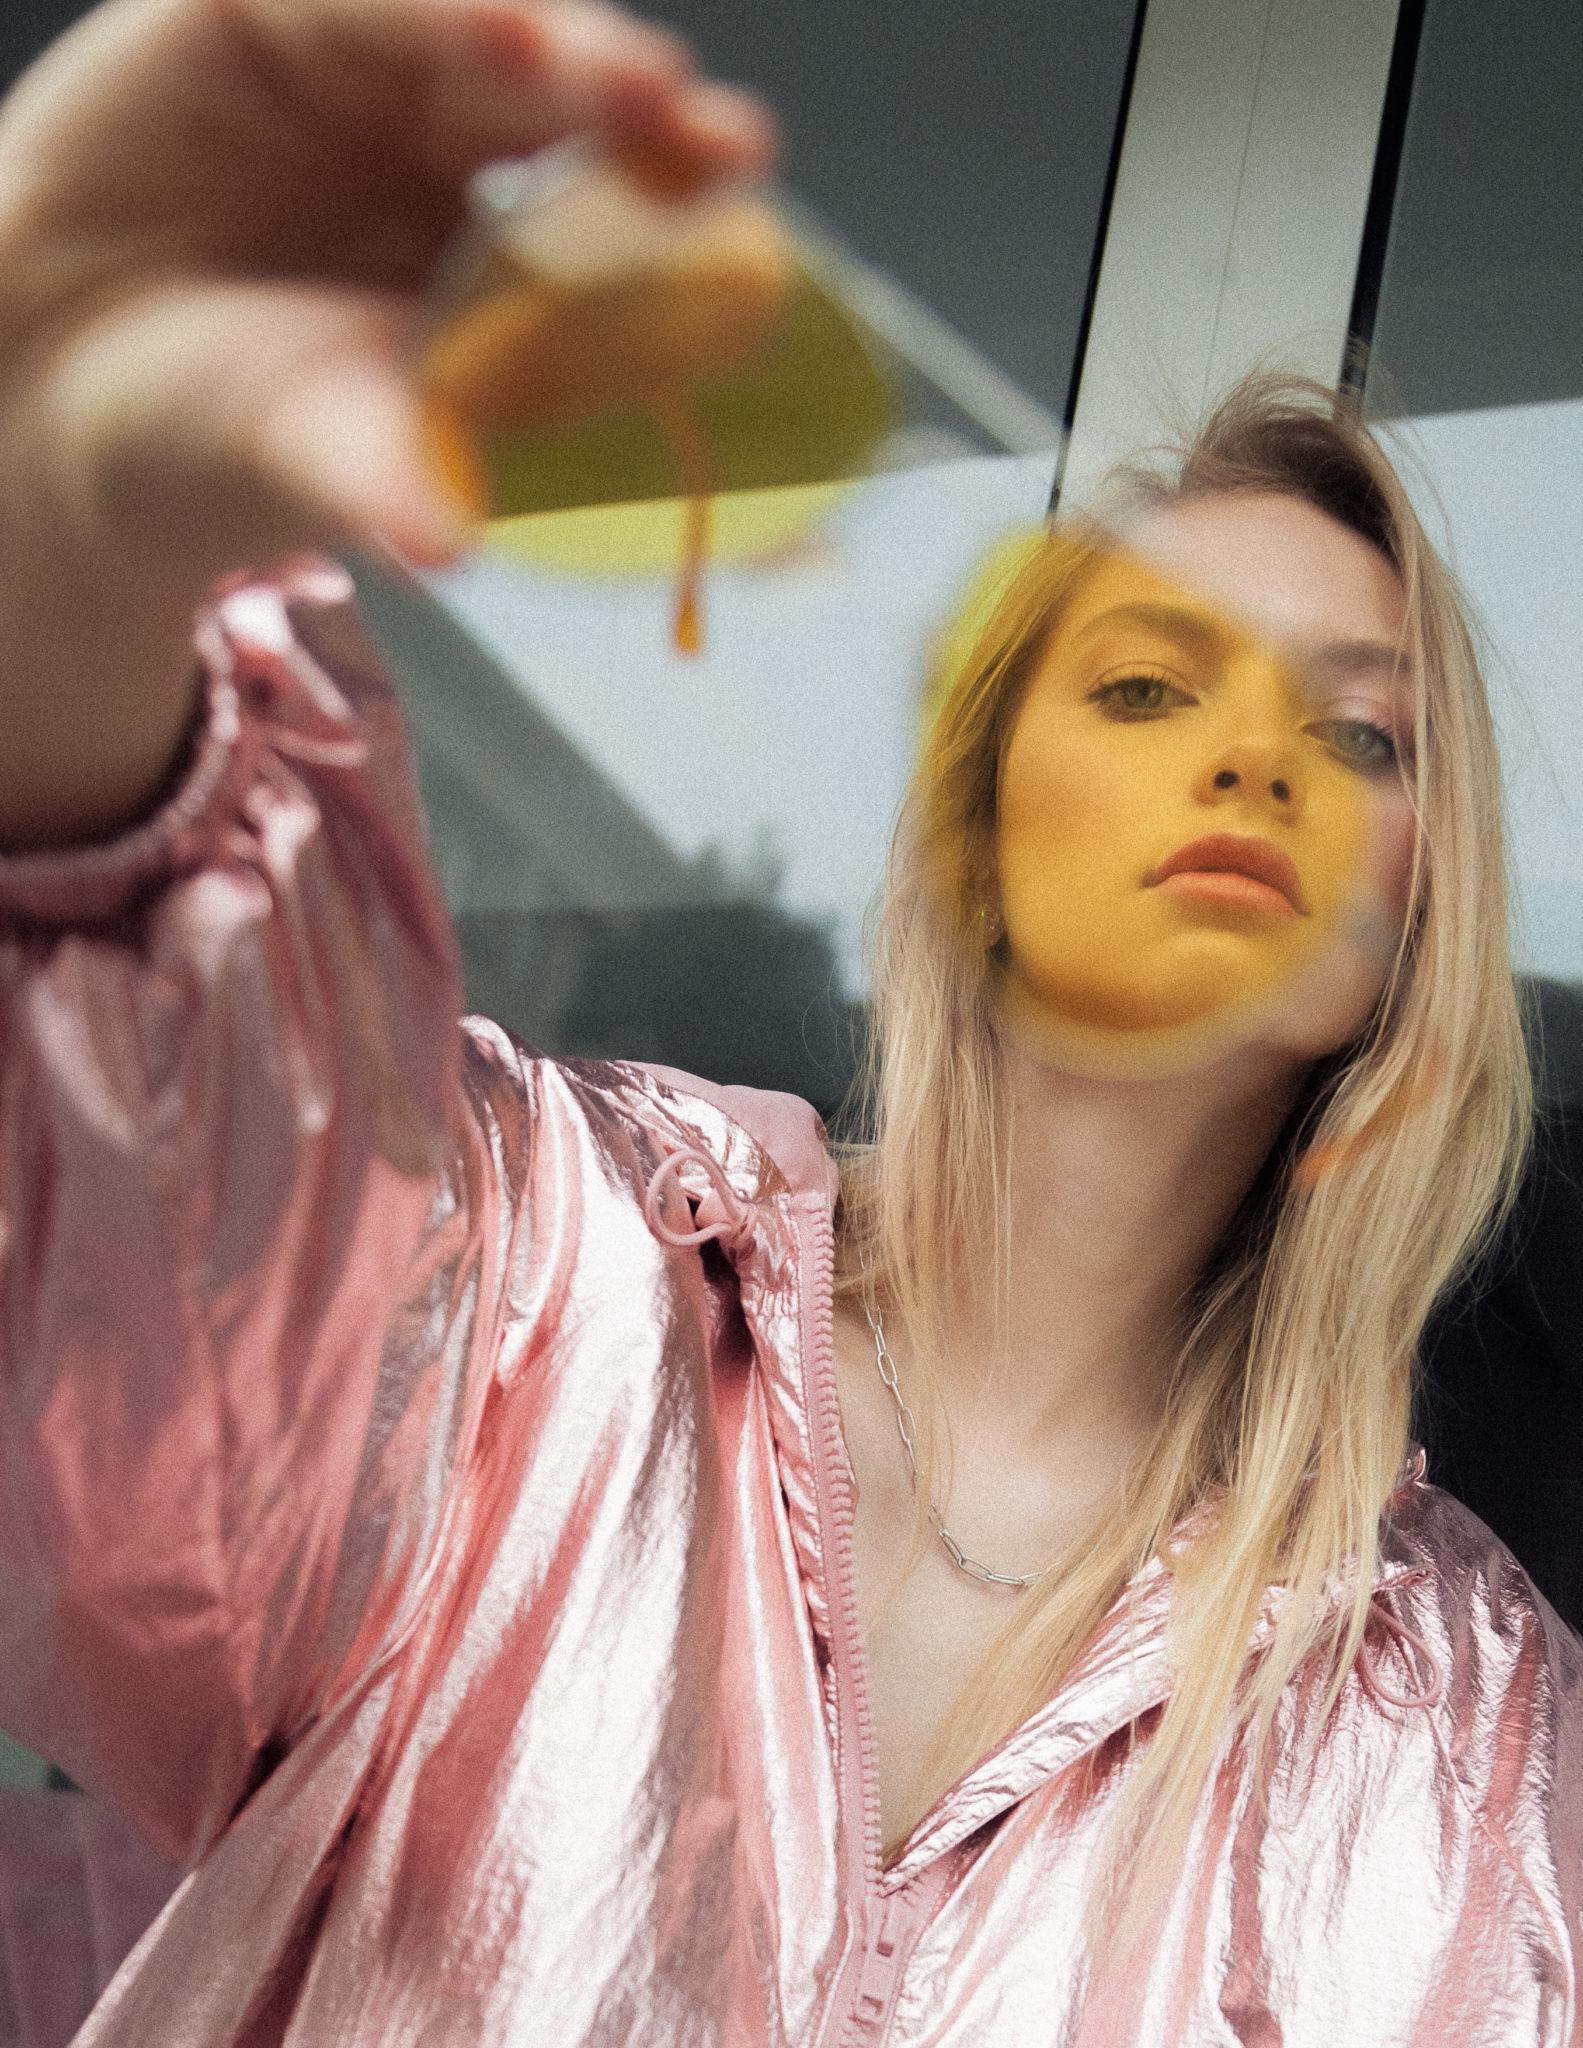 Dziewczyna w różowej kurtce trzyma przed obiektywem kamery okulary przeciwsłoneczne